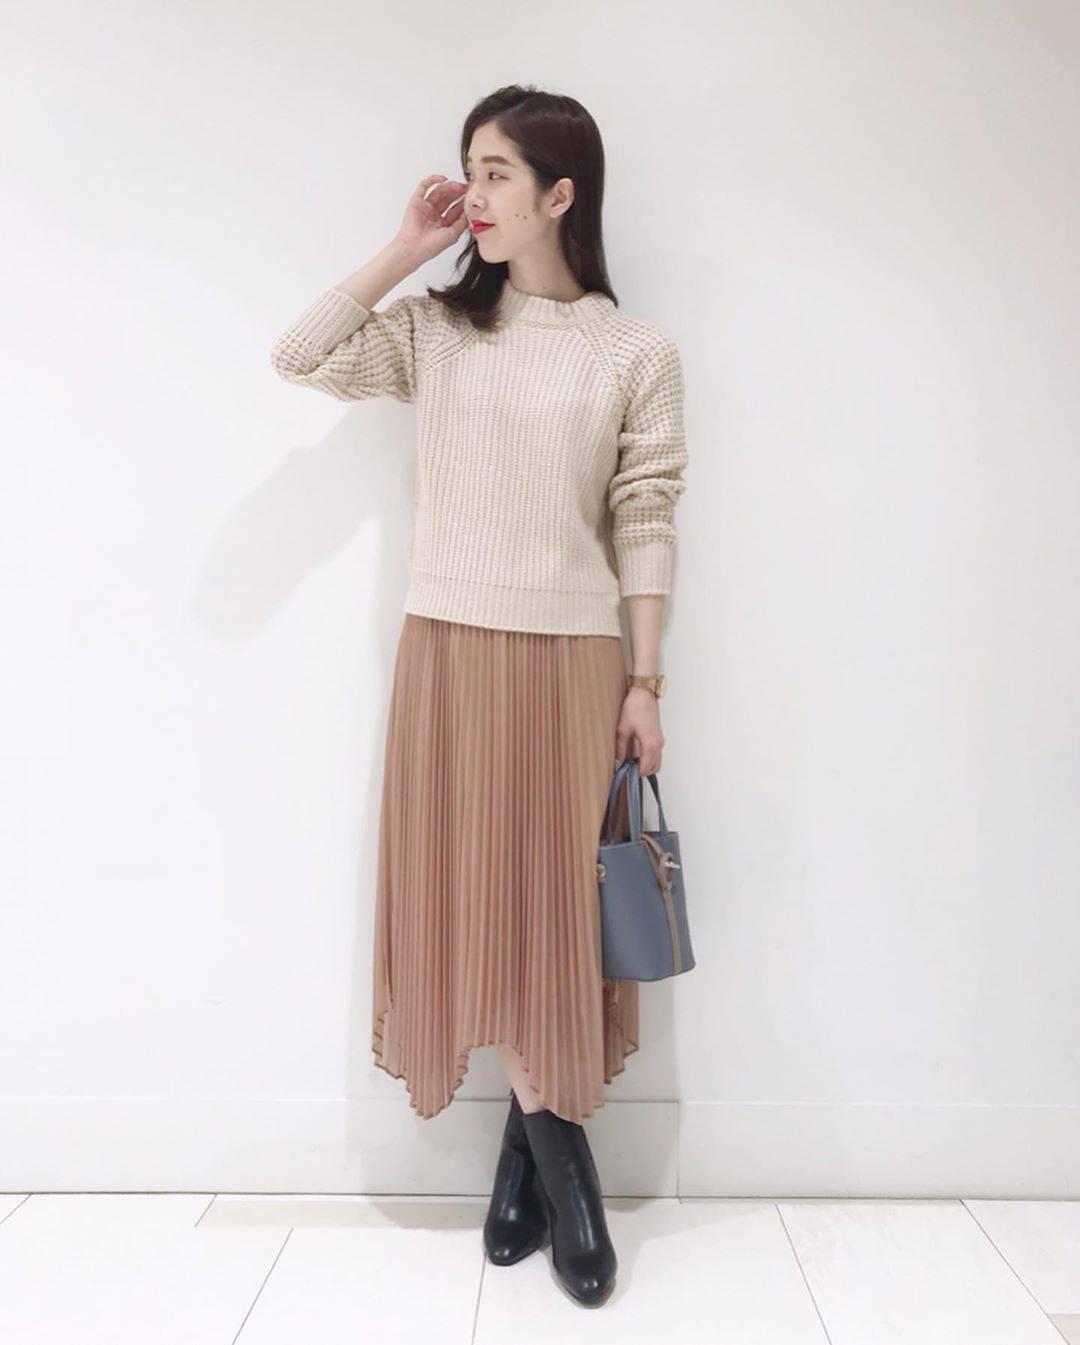 最高気温28度・最低気温19度 hikari_k0122の服装